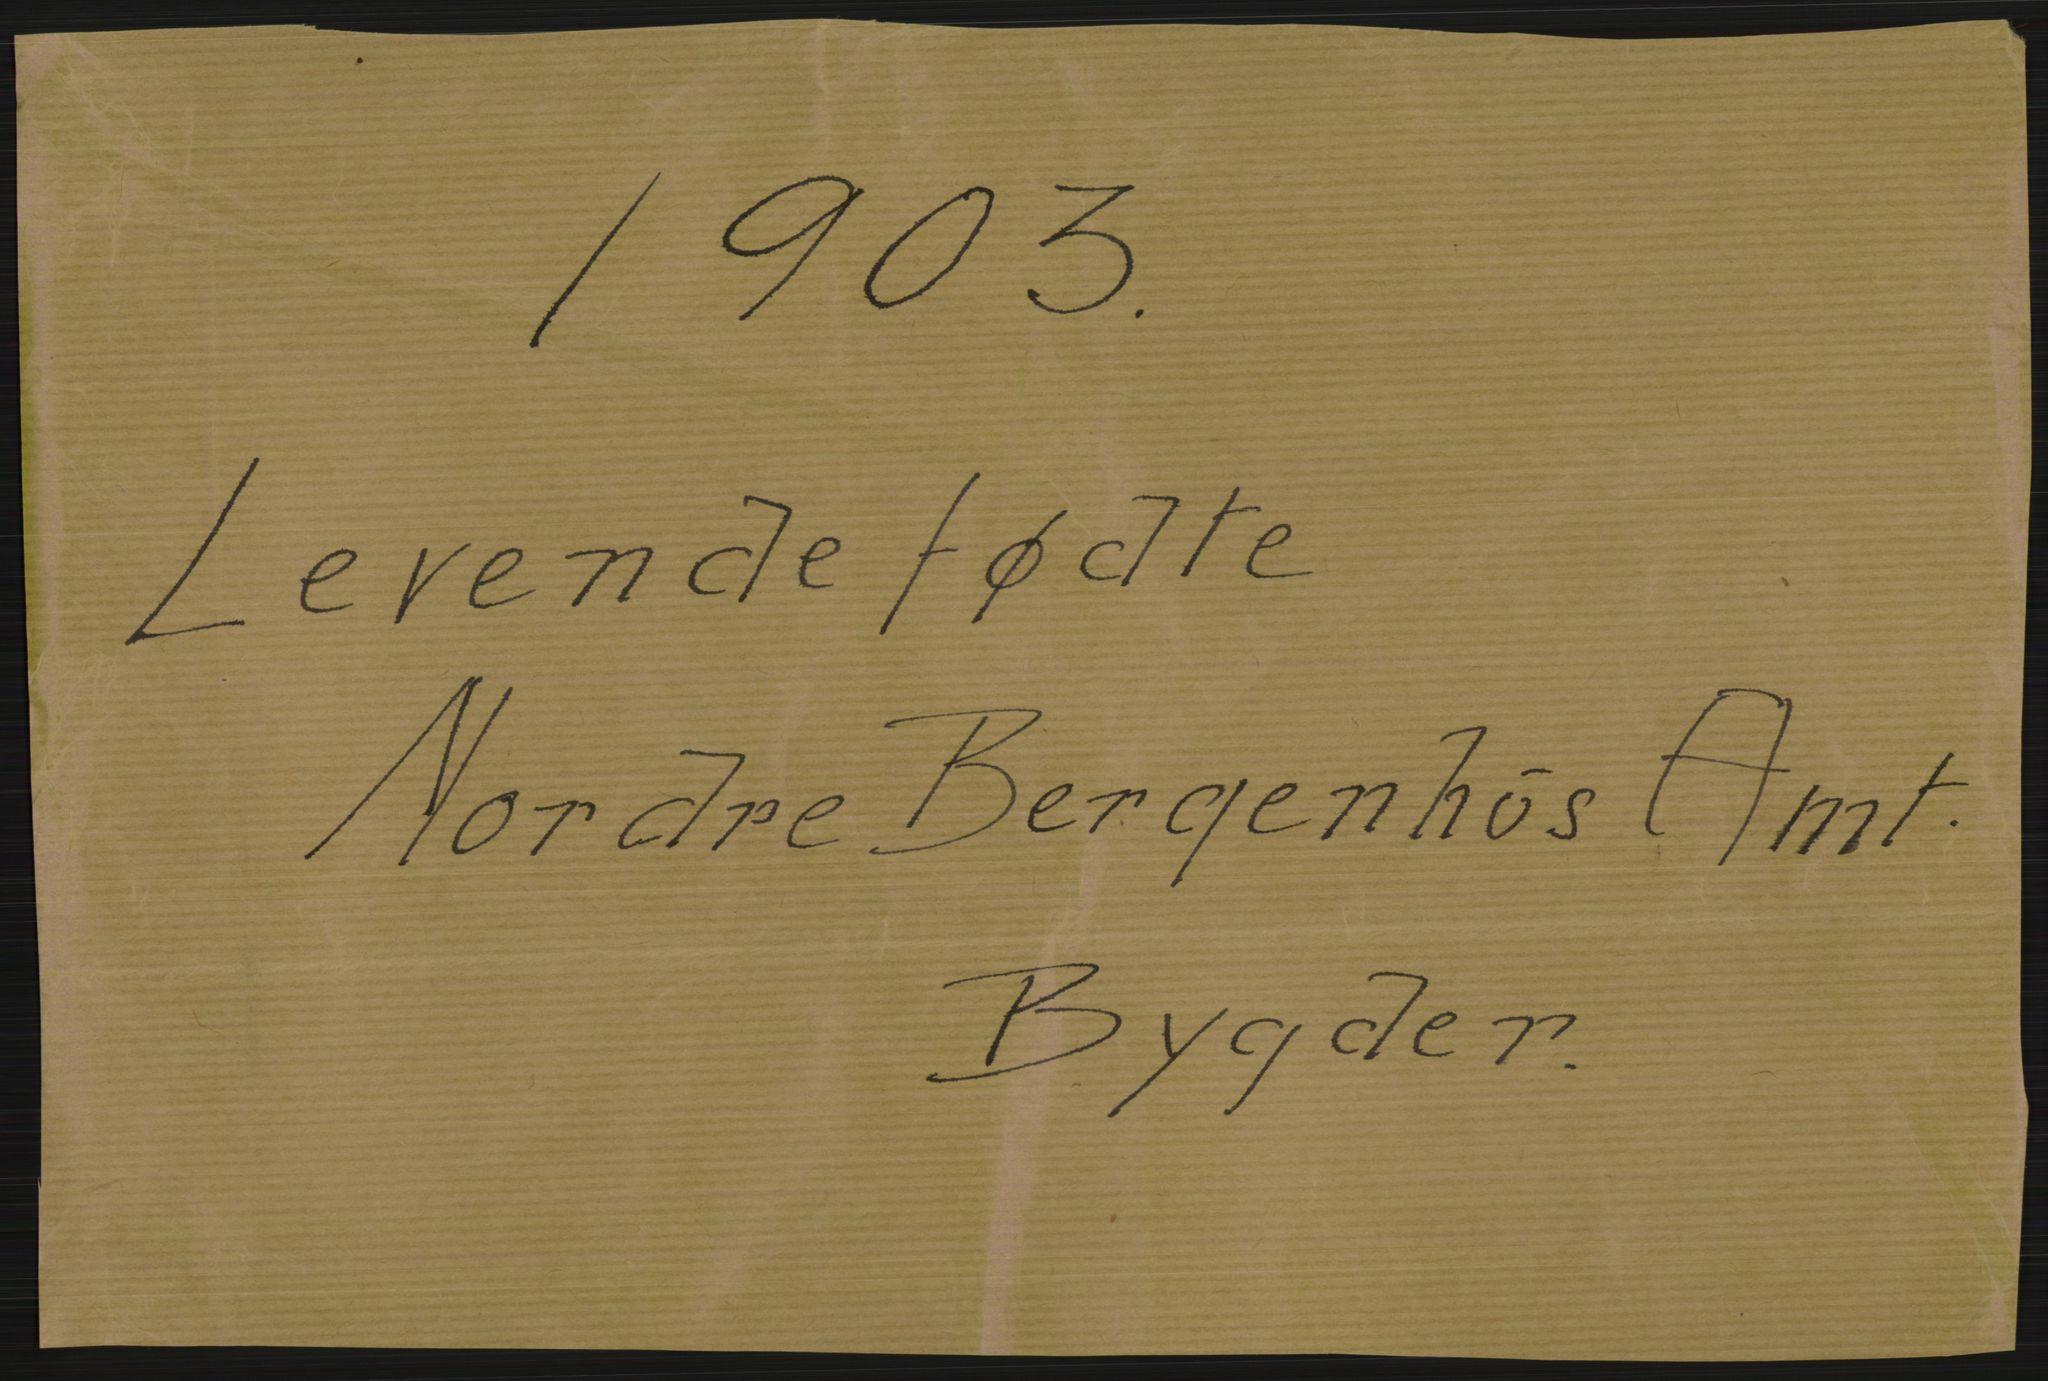 RA, Statistisk sentralbyrå, Sosiodemografiske emner, Befolkning, D/Df/Dfa/Dfaa/L0015: Nordre Bergenhus: Fødte, gifte, døde. Bygder, 1903